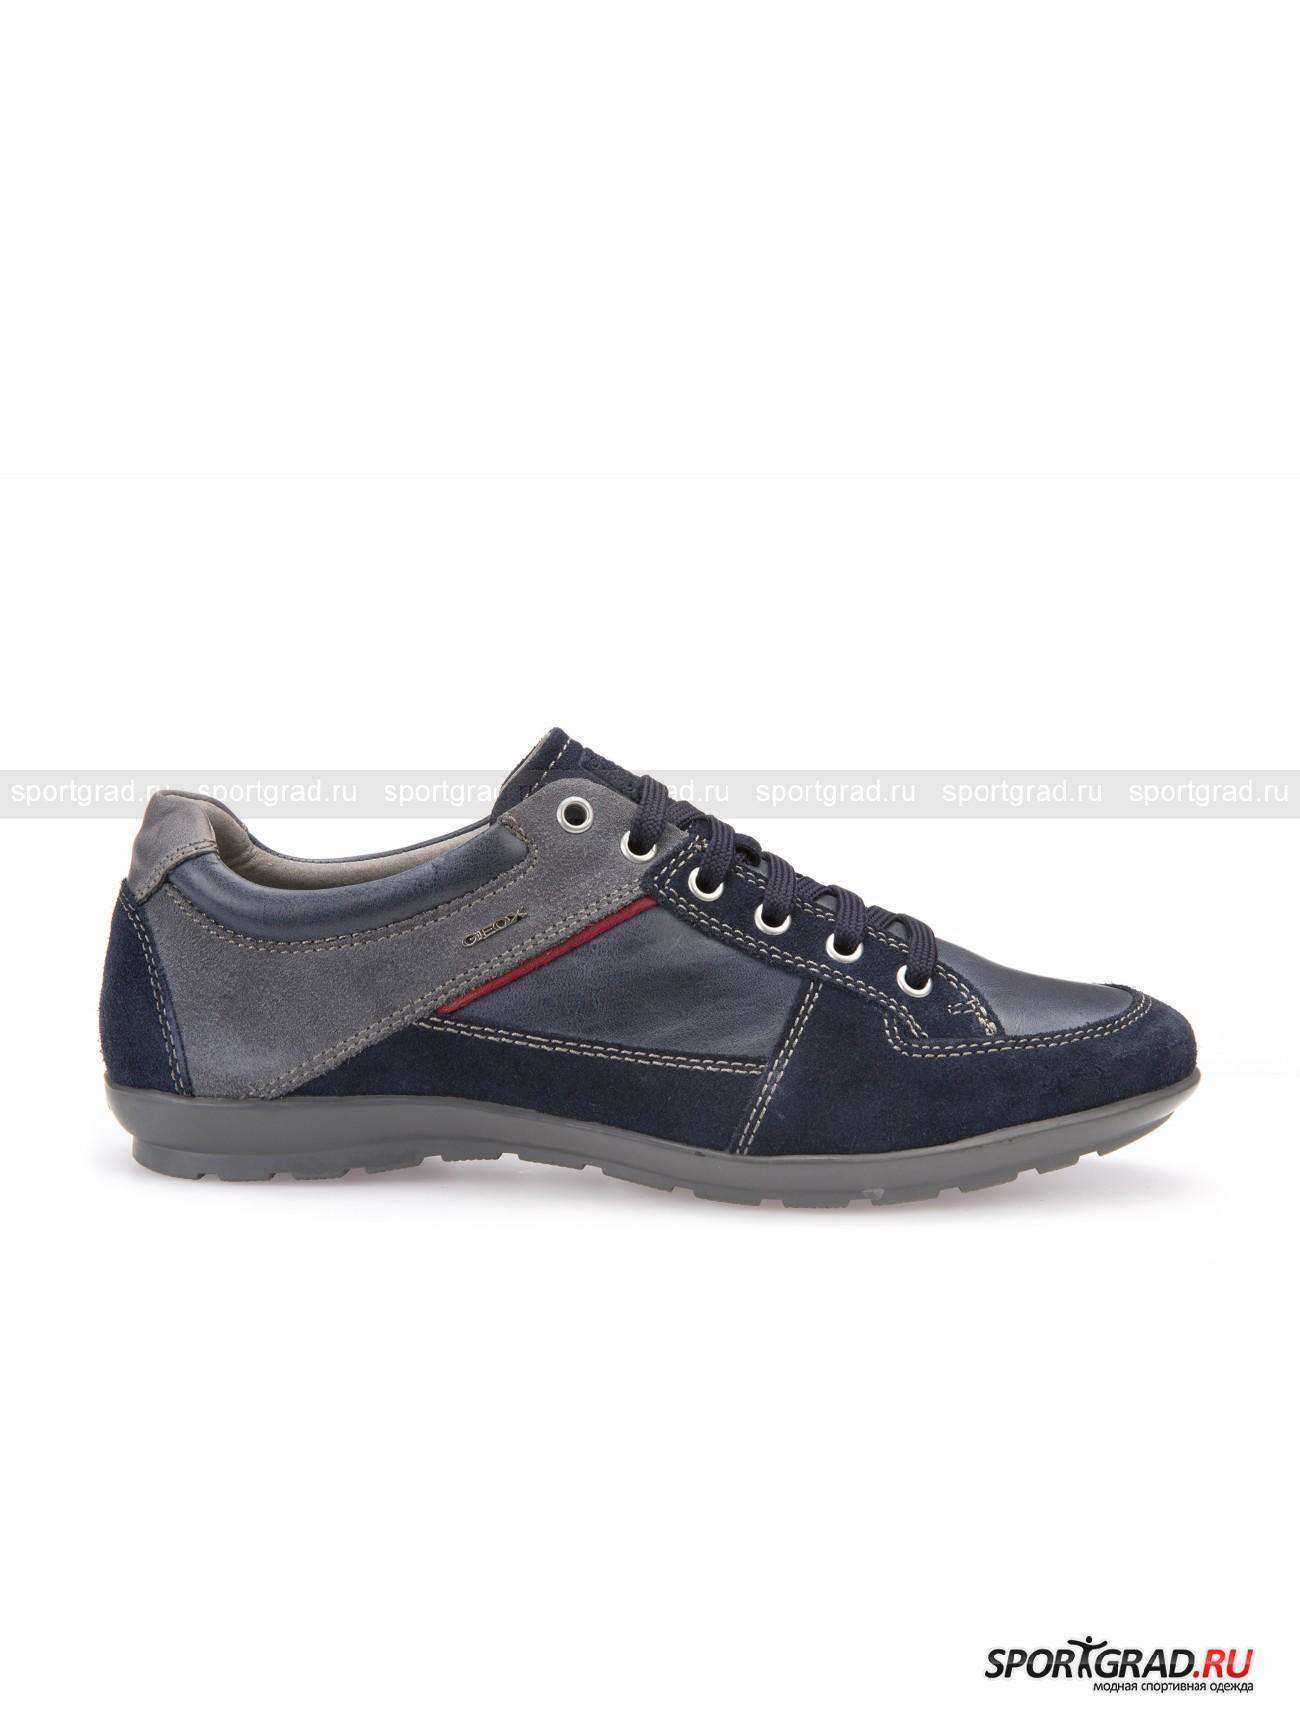 Кроссовки мужские из кожи и замши Symbol GEOXКроссовки<br>Отличительная черта этой пары кроссовок Symbol от Geox – винтажный, слегка потертый внешний вид. Такой дизайн очень моден уже не первый год.  В исполнении Geox такой облик достигается с помощью ручной обработки, которая придает уникальность каждой паре обуви. <br><br>Кроссовки сделаны из кожи и замши, они выглядят очень стильно  и благодаря универсальному цвету и форме способны сочетаться как со спортивной, так и с повседневной одеждой. Особая технология Respira гарантирует превосходную воздухопроницаемость и постоянный микроклимат внутри обуви.<br><br>Особенности модели:<br>- гибкая рифленая подошва;<br>- сетчатая подкладка внутри;<br>- кожаная стелька.<br><br>Пол: Мужской<br>Возраст: Взрослый<br>Тип: Кроссовки<br>Рекомендации по уходу: Чистить сухой мягкой тканью.<br>Состав: Натуральная кожа, замша.